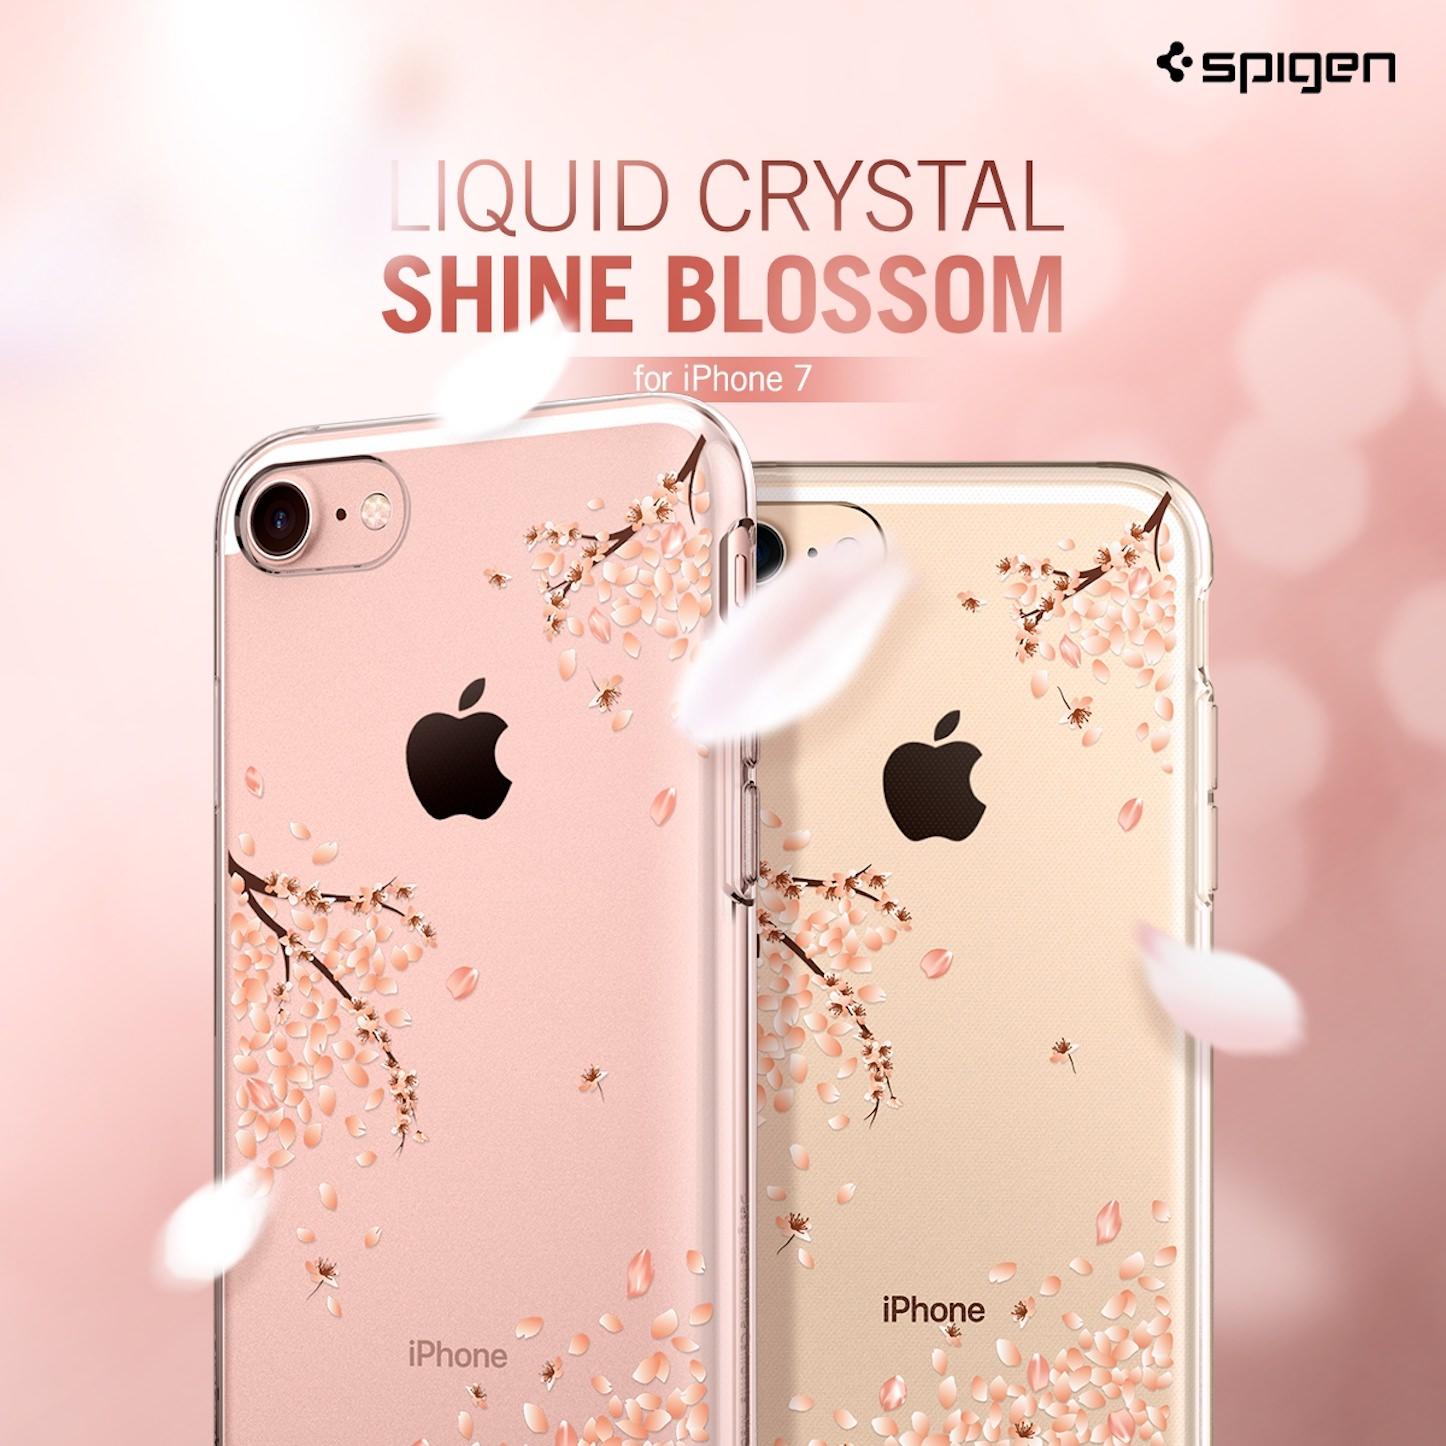 Spigen Liquid Crystal Shin Blossom